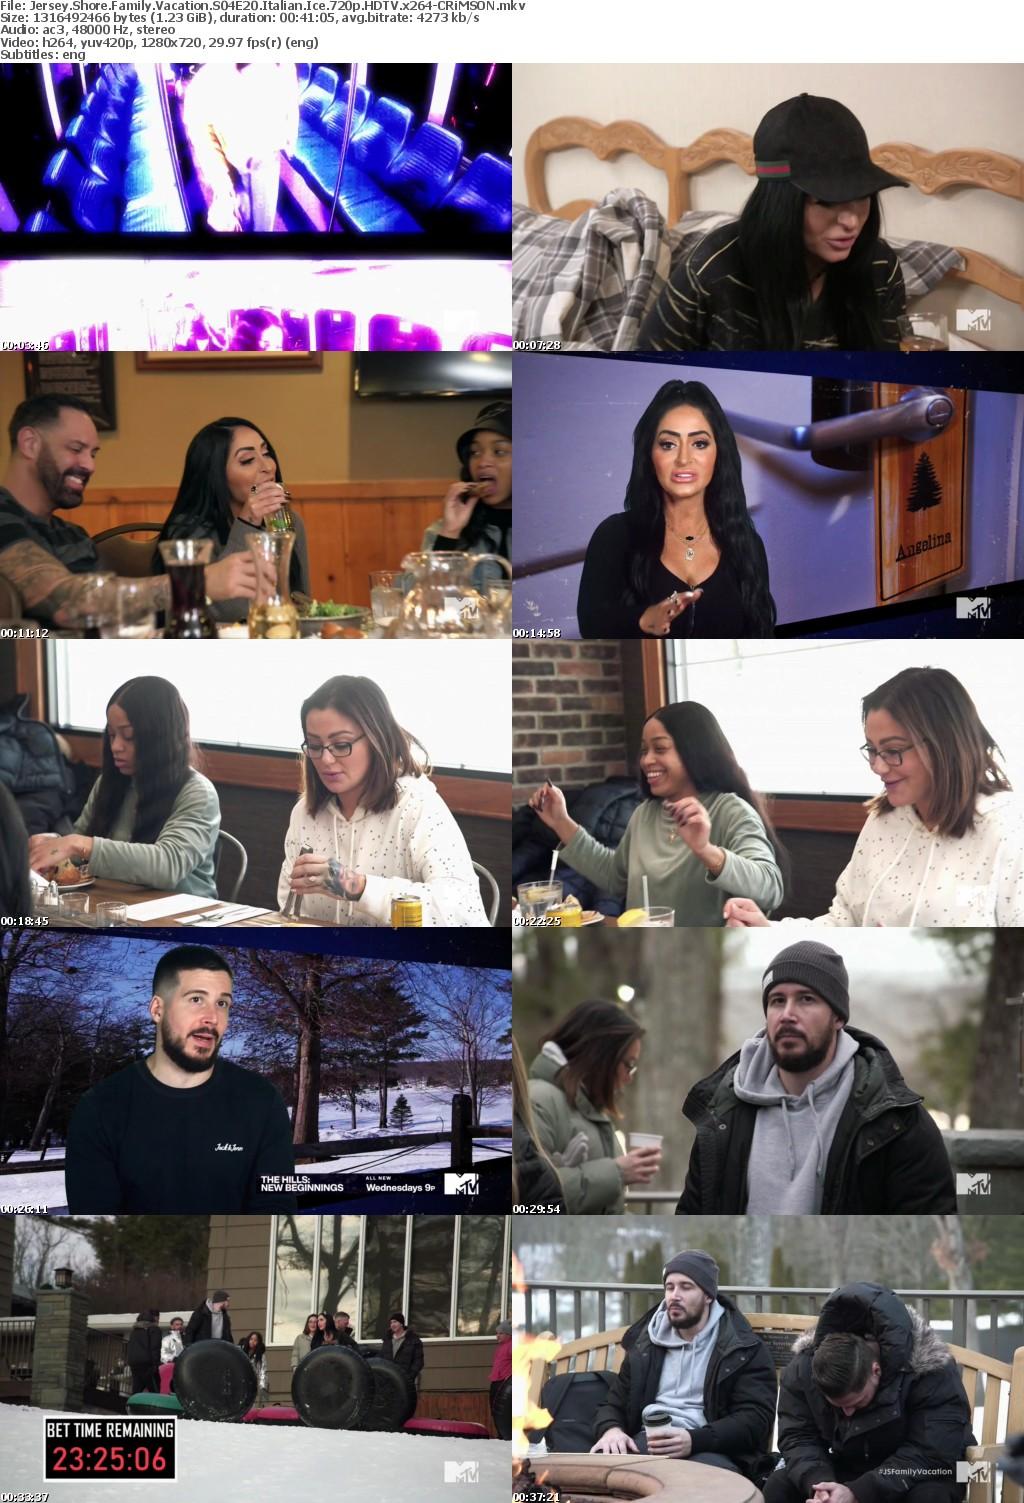 Jersey Shore Family Vacation S04E20 Italian Ice 720p HDTV x264-CRiMSON